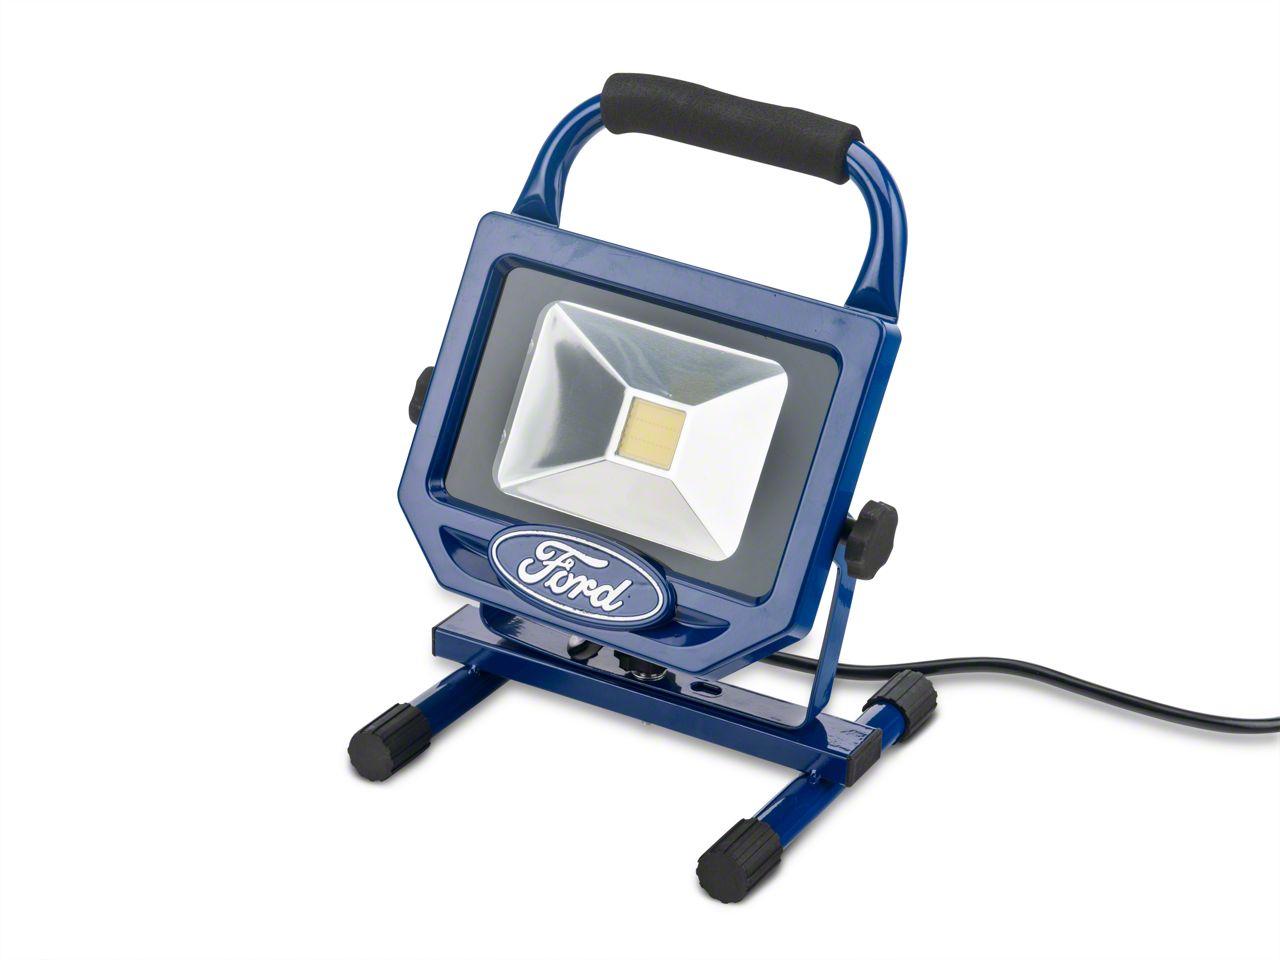 Ford 1400 Lumen Aluminum Worklight